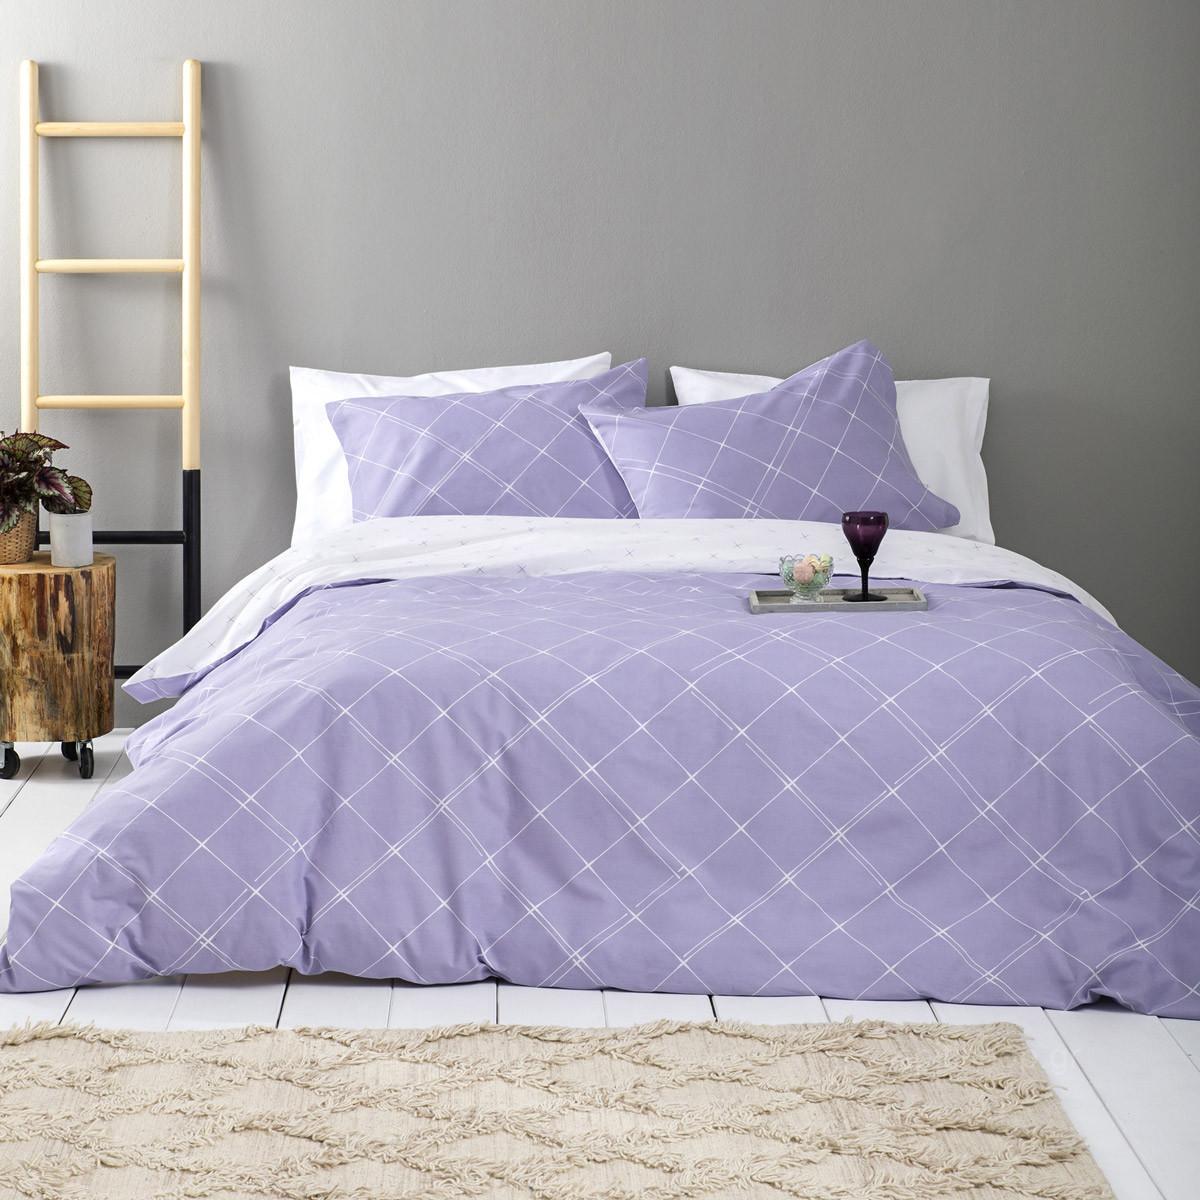 Παπλωματοθήκη Υπέρδιπλη (Σετ) Nima Bed Linen Azzora Lilac